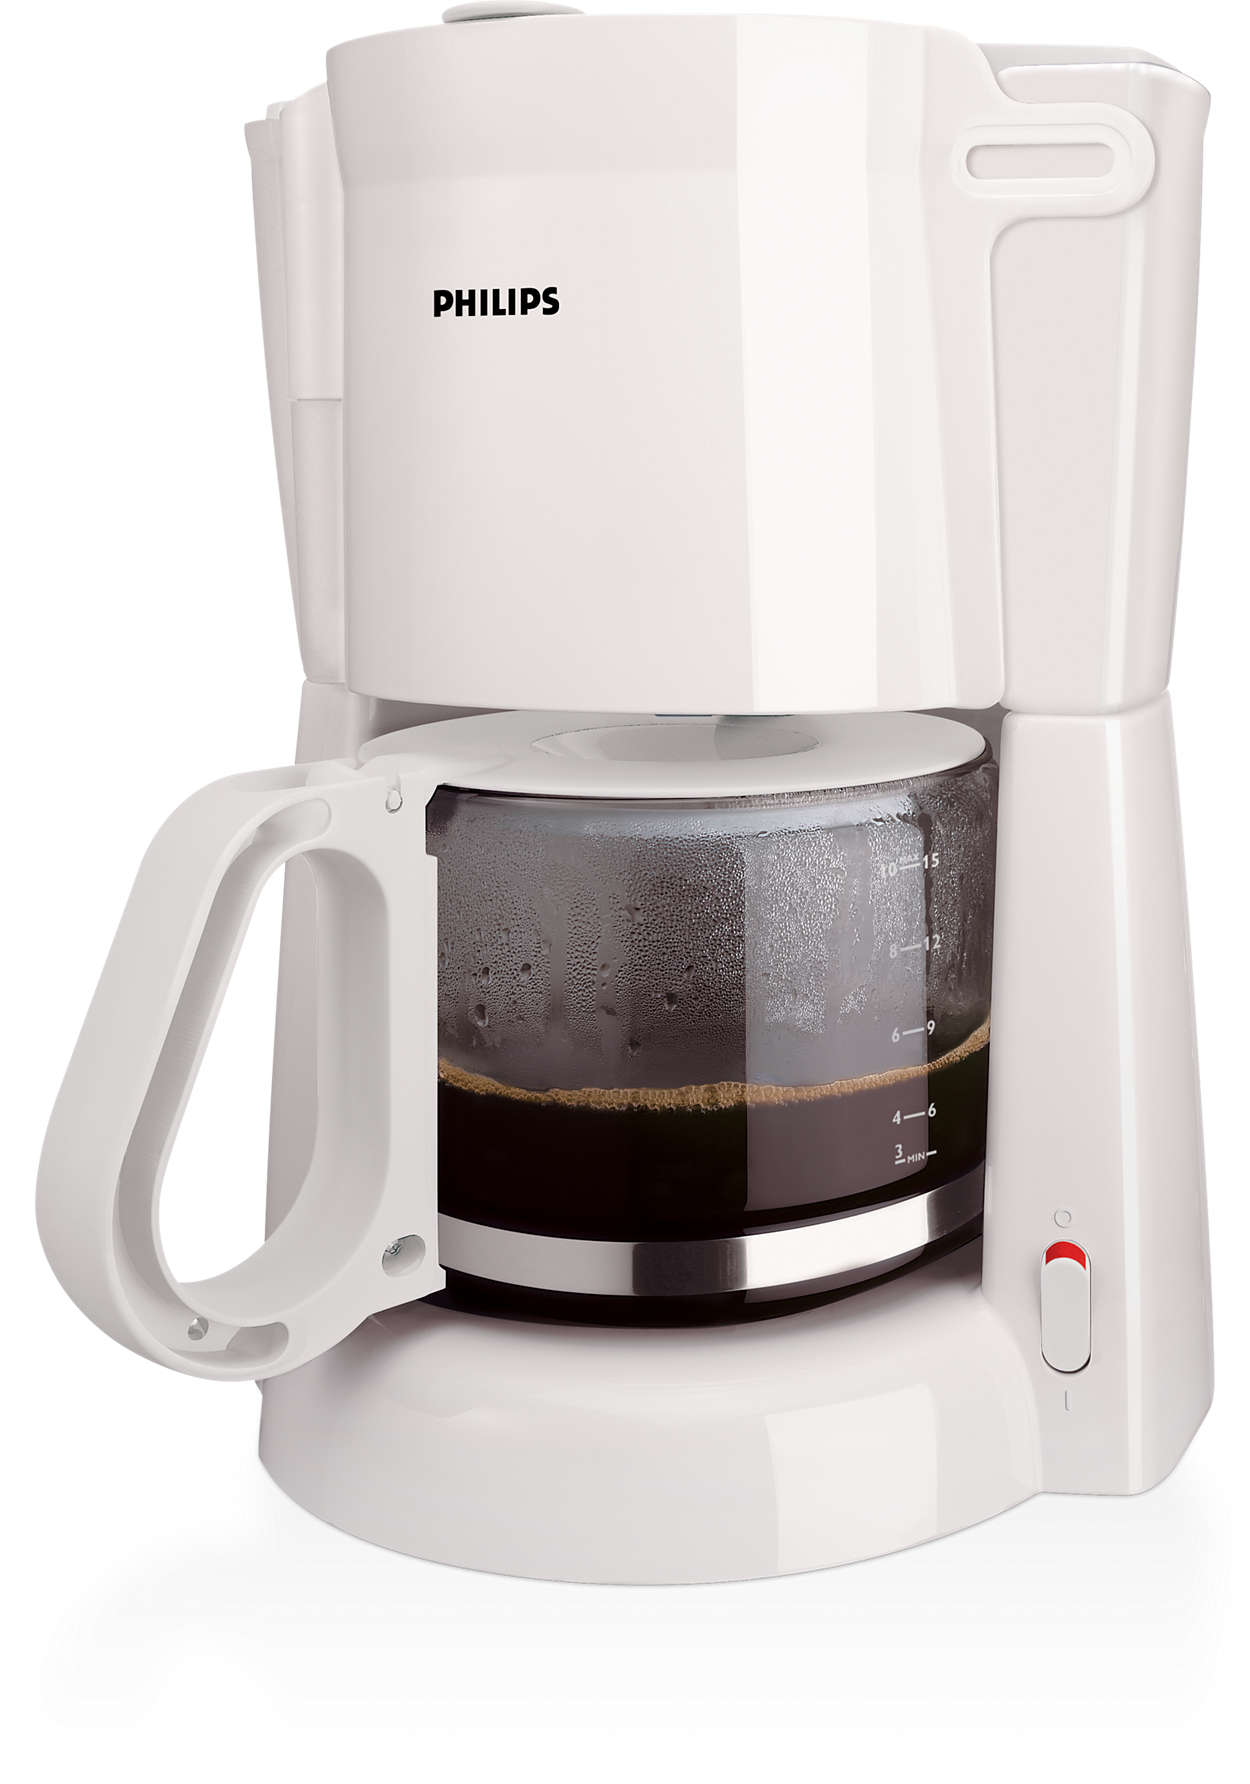 Guter Filterkaffee, einfach zubereitet